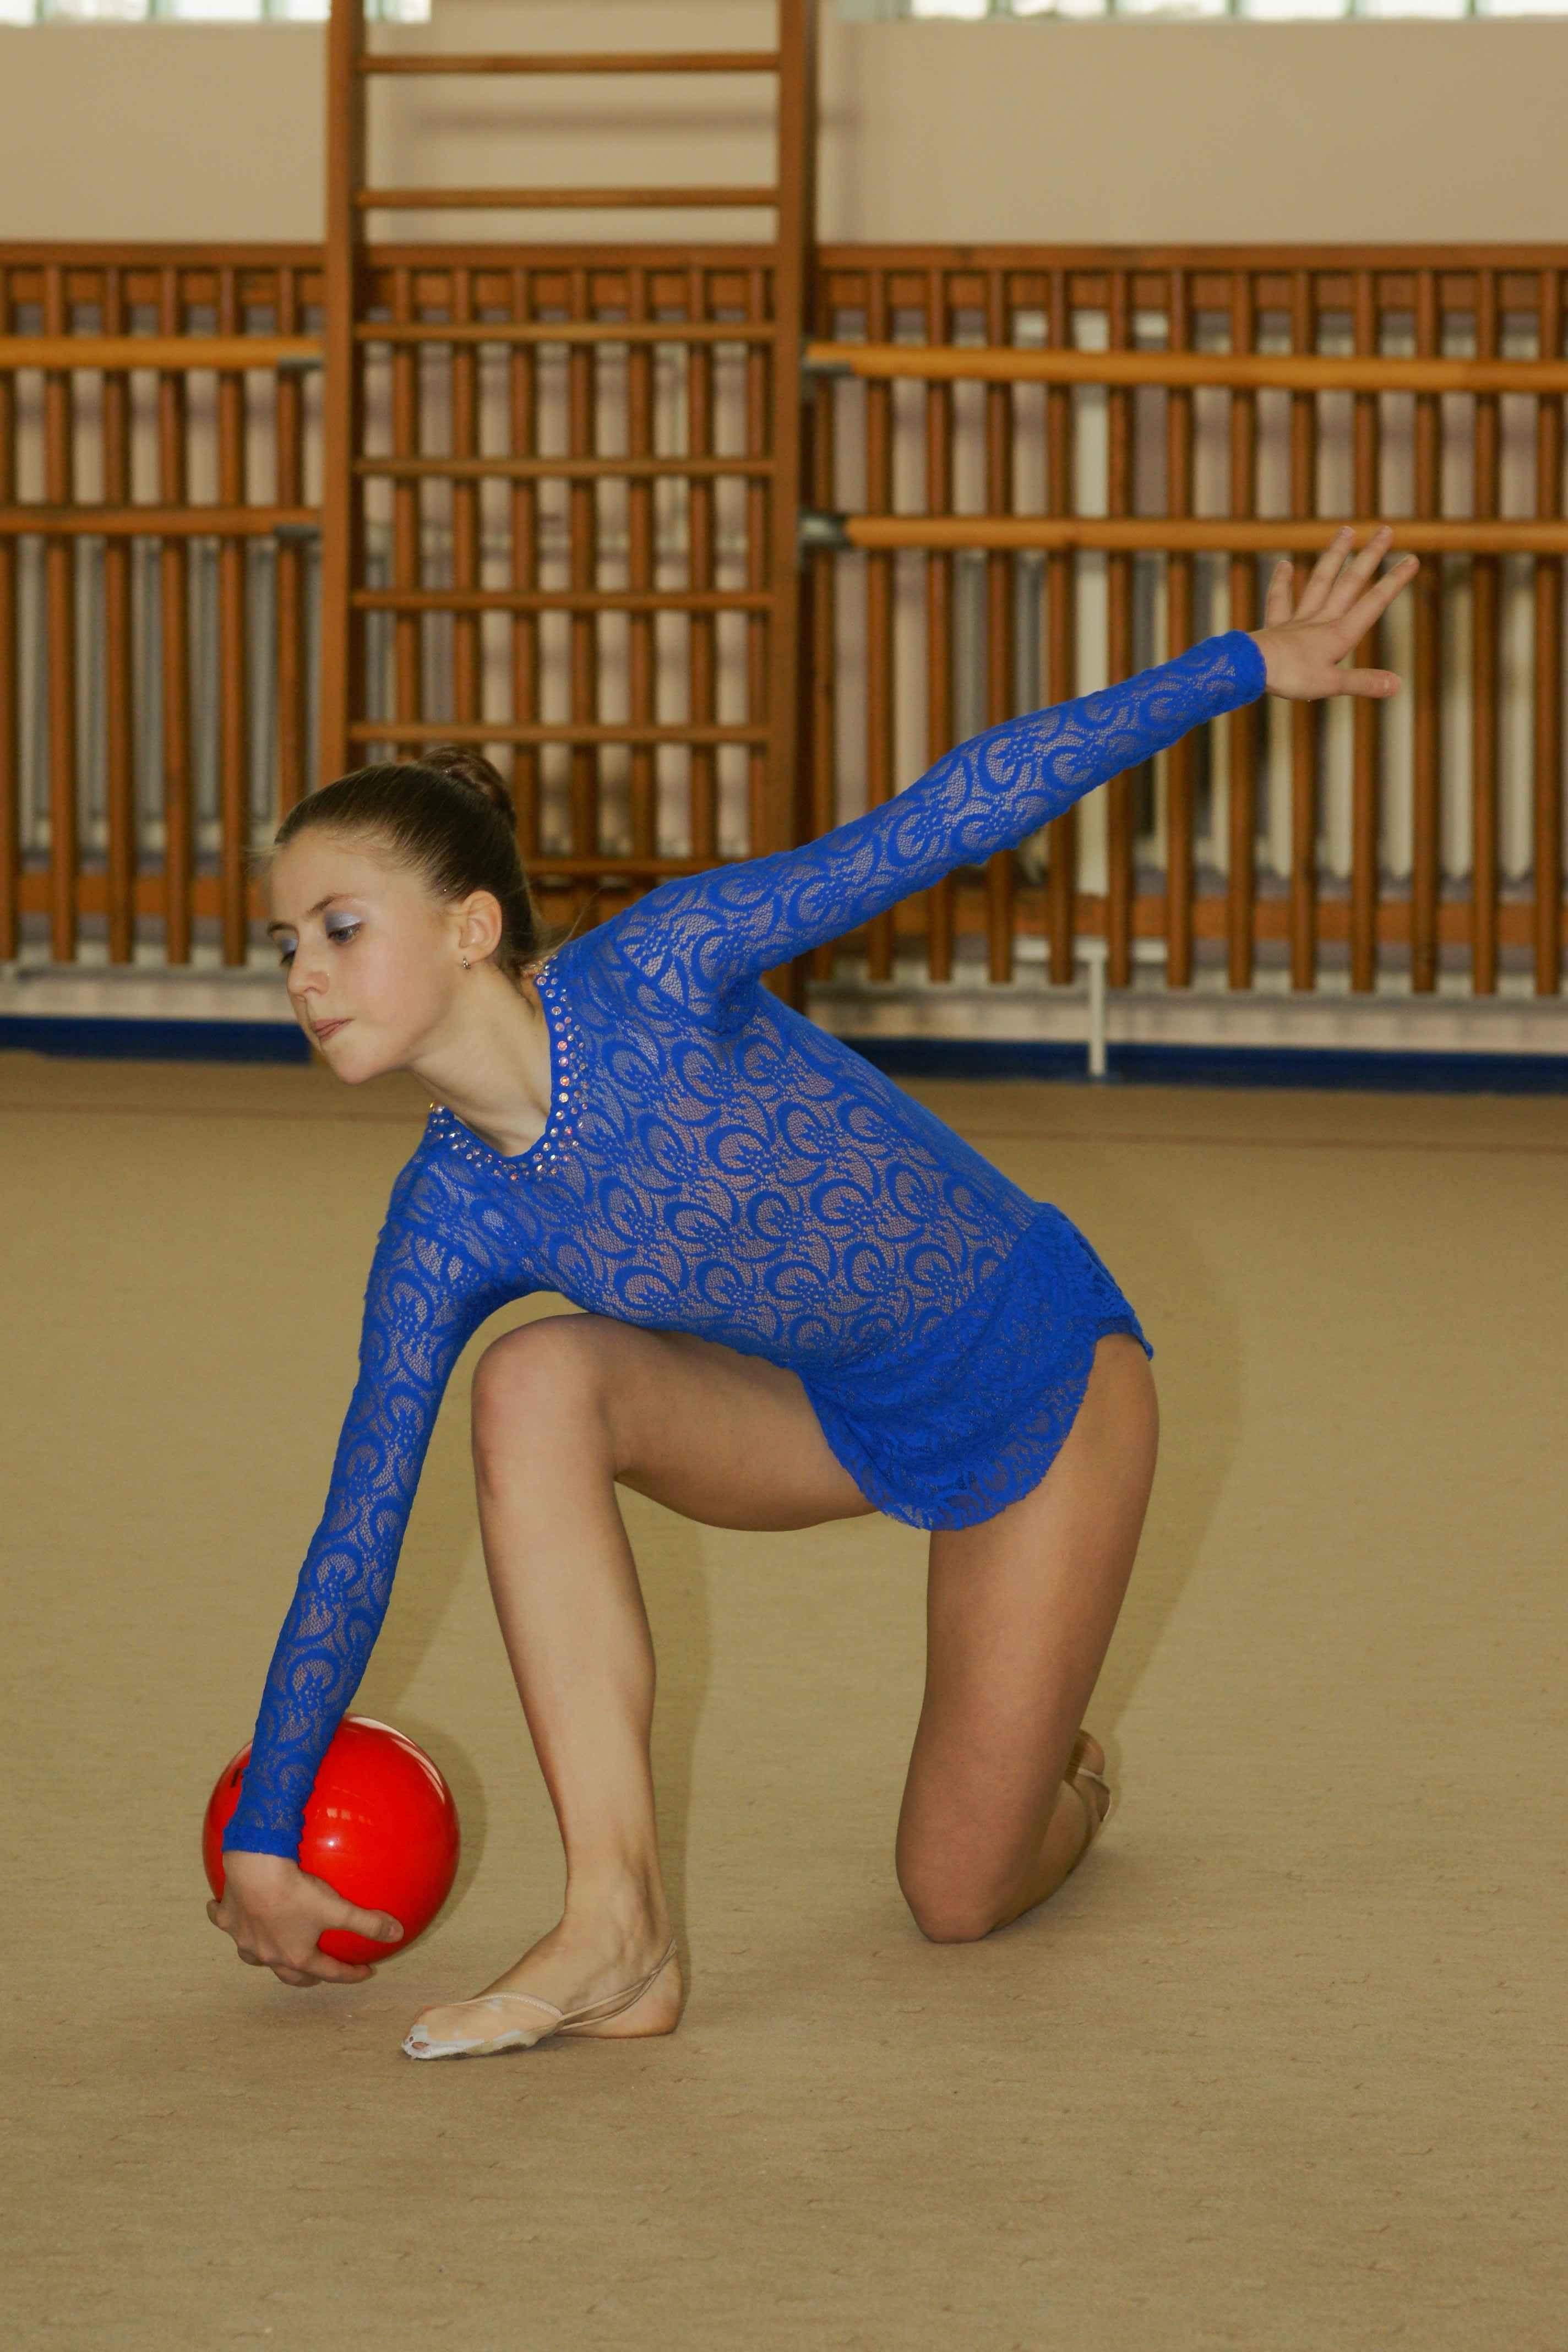 Художественная гимнастика фото ню 18 фотография